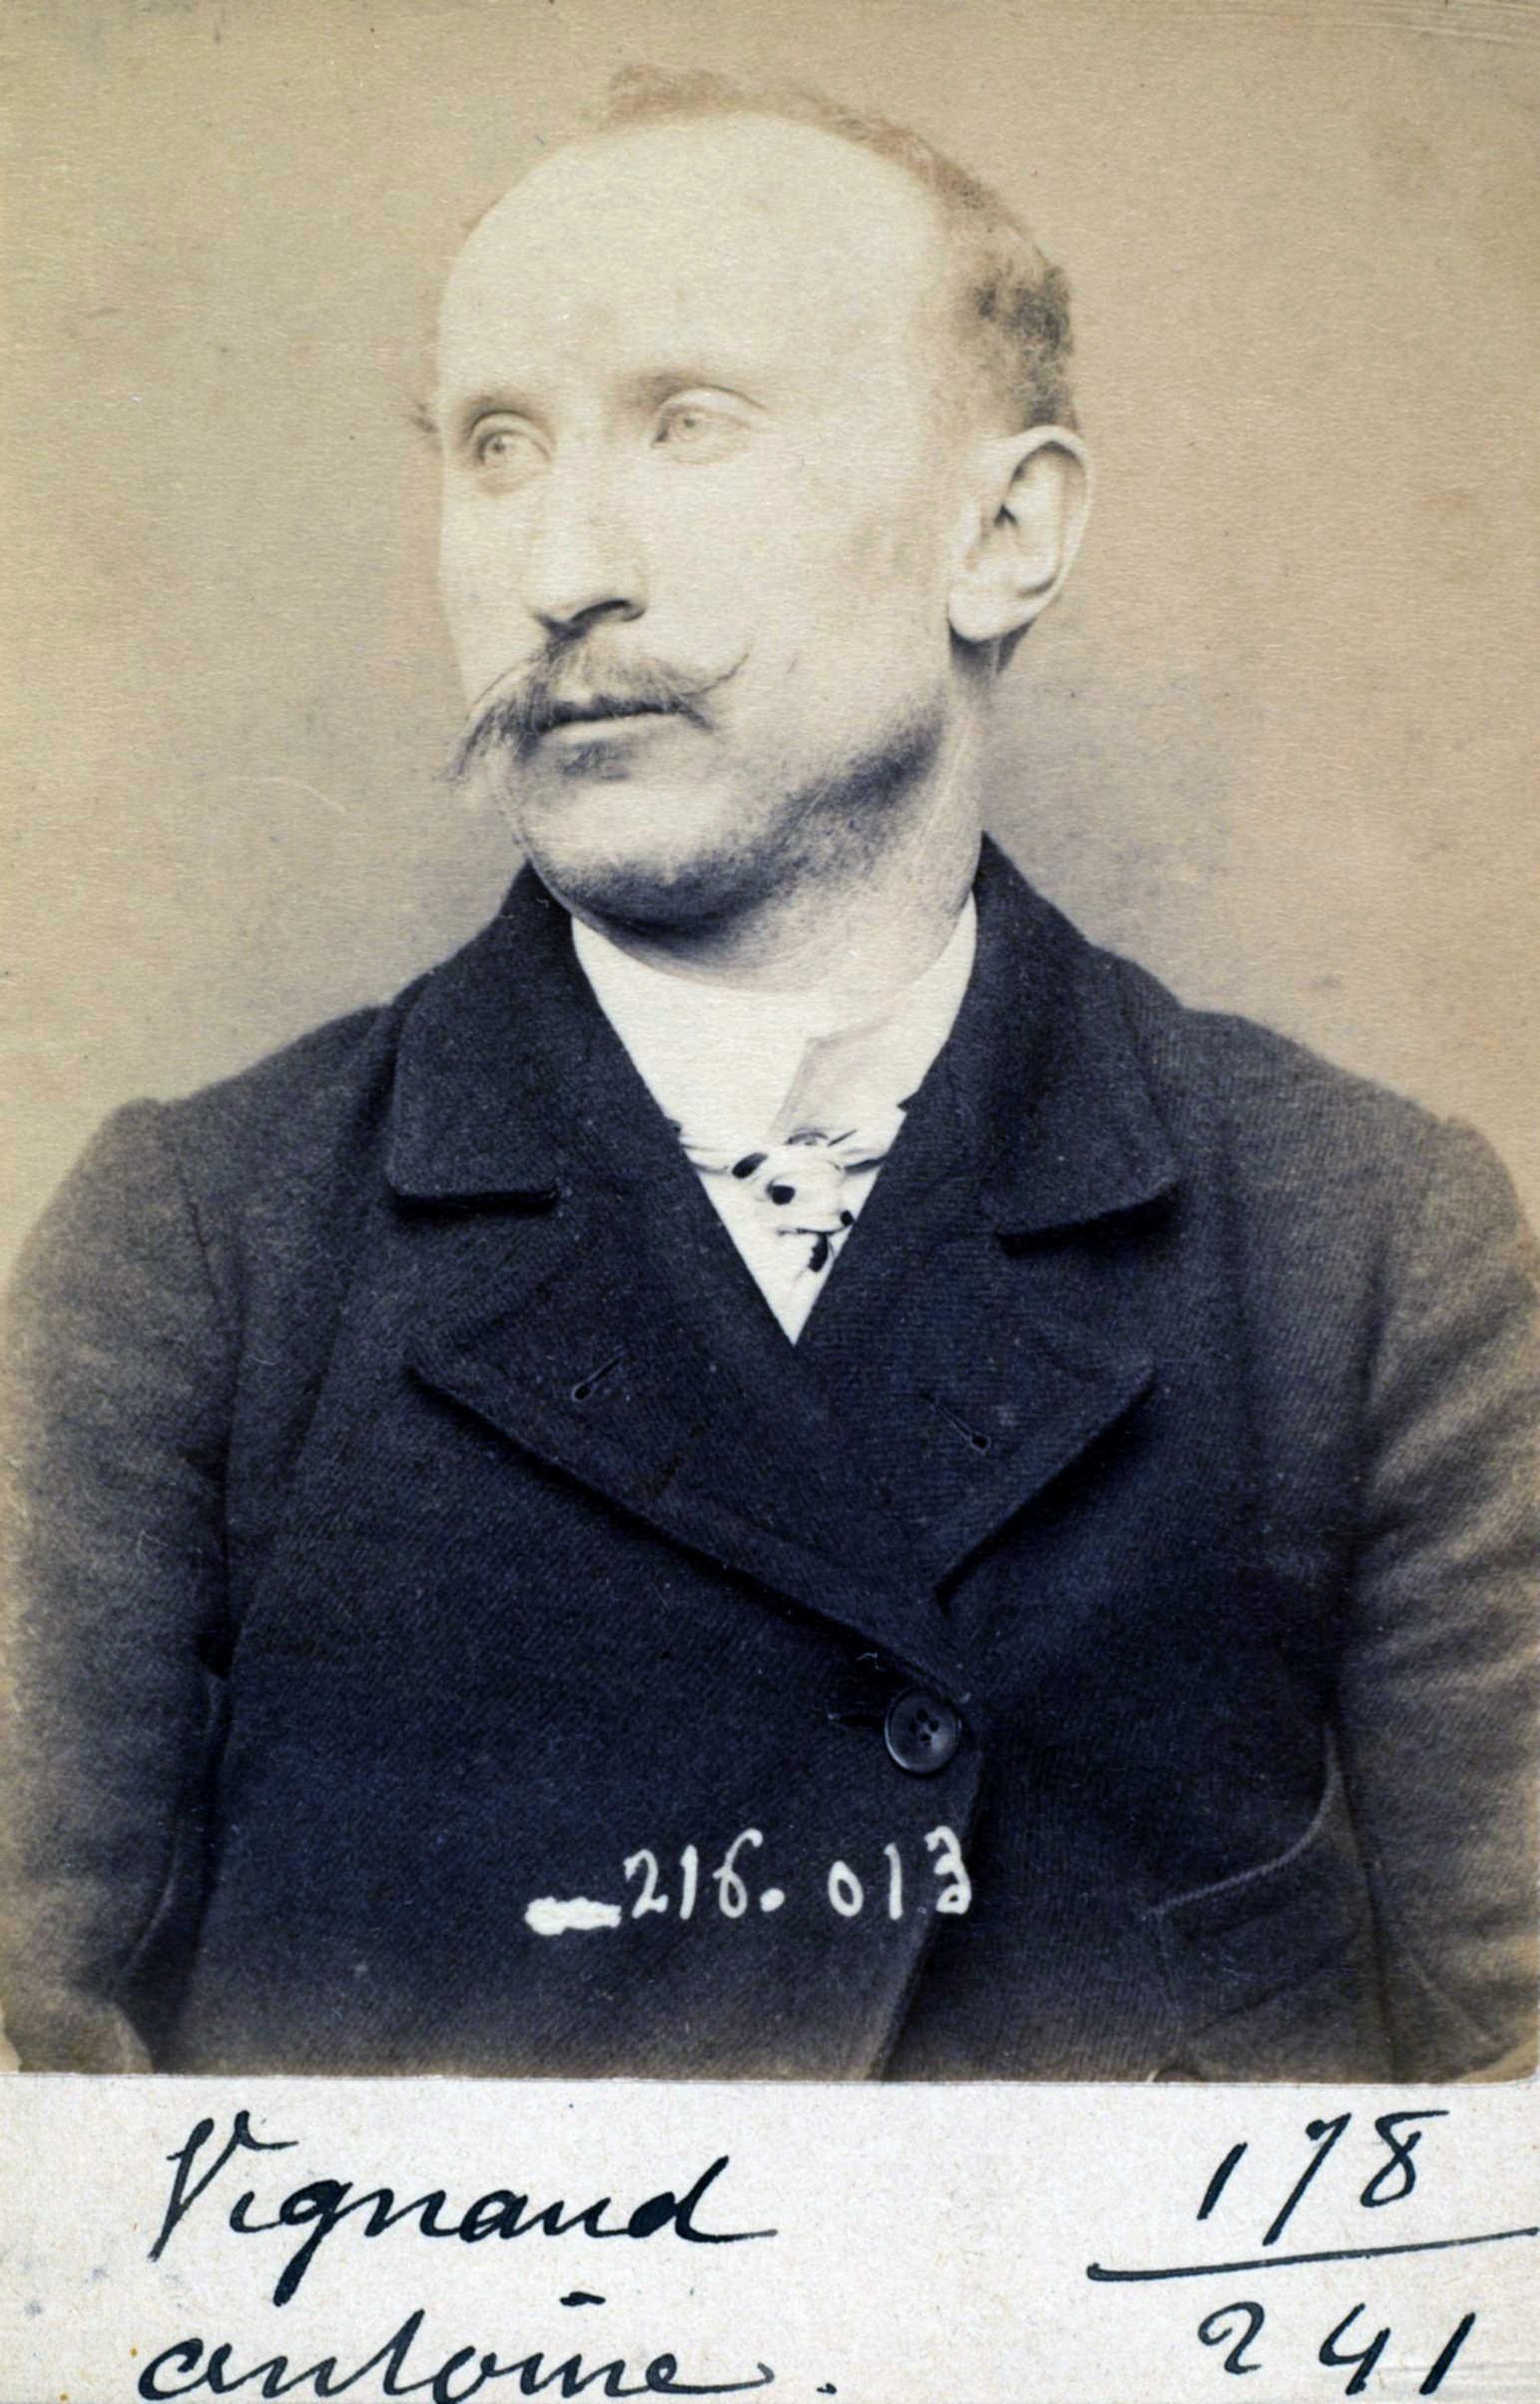 Fotografia policíaca d'Antoine Vignaud (21 de març de 1894)